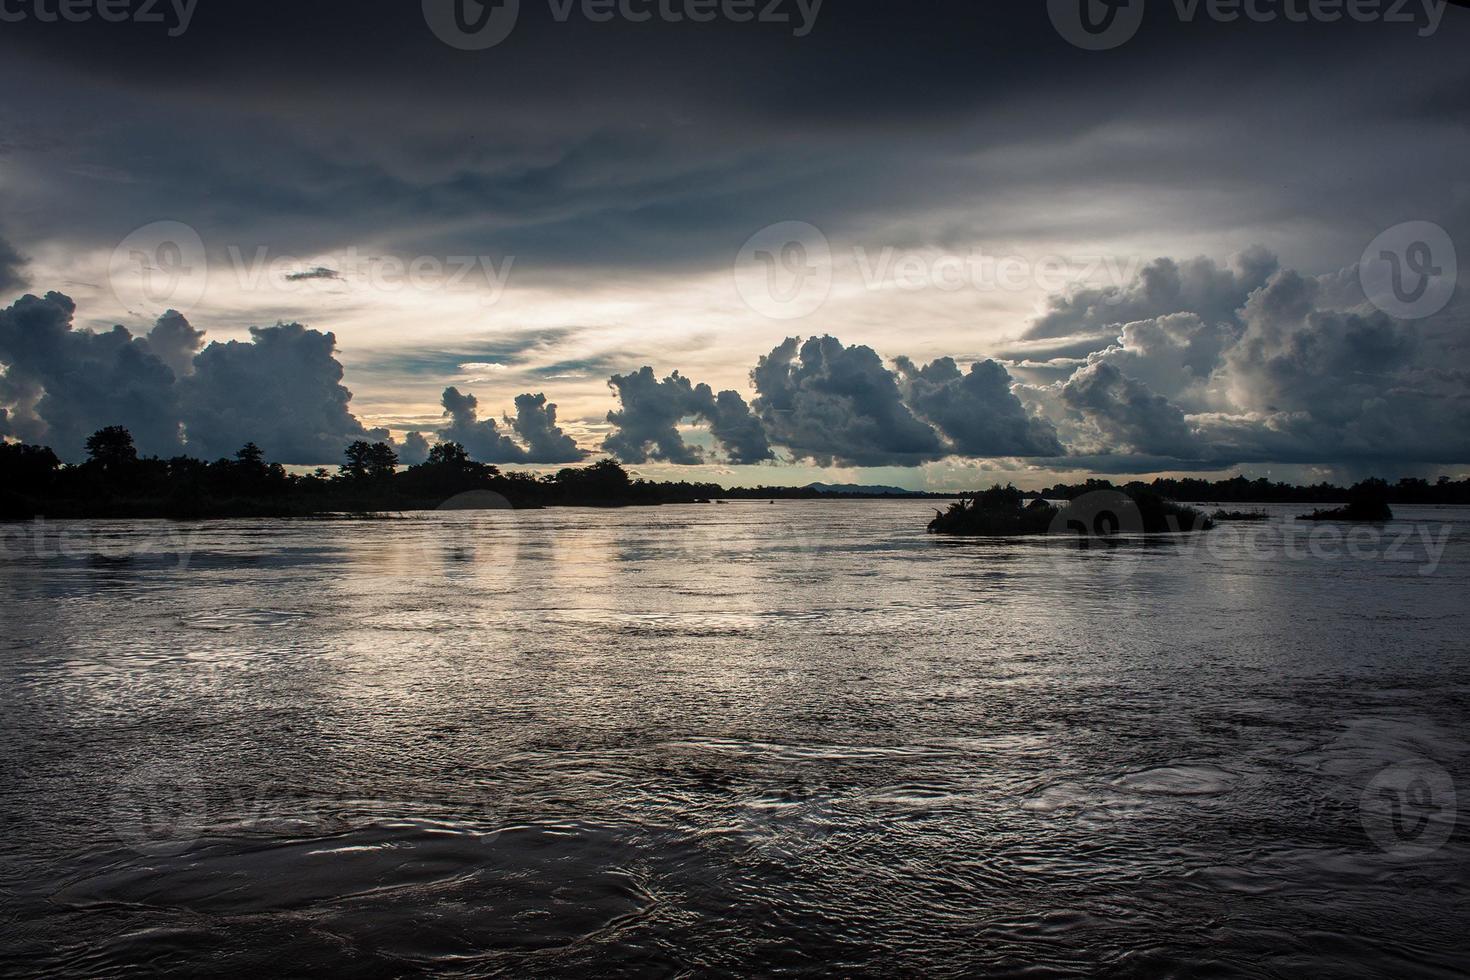 coucher de soleil sur le fleuve Mékong photo